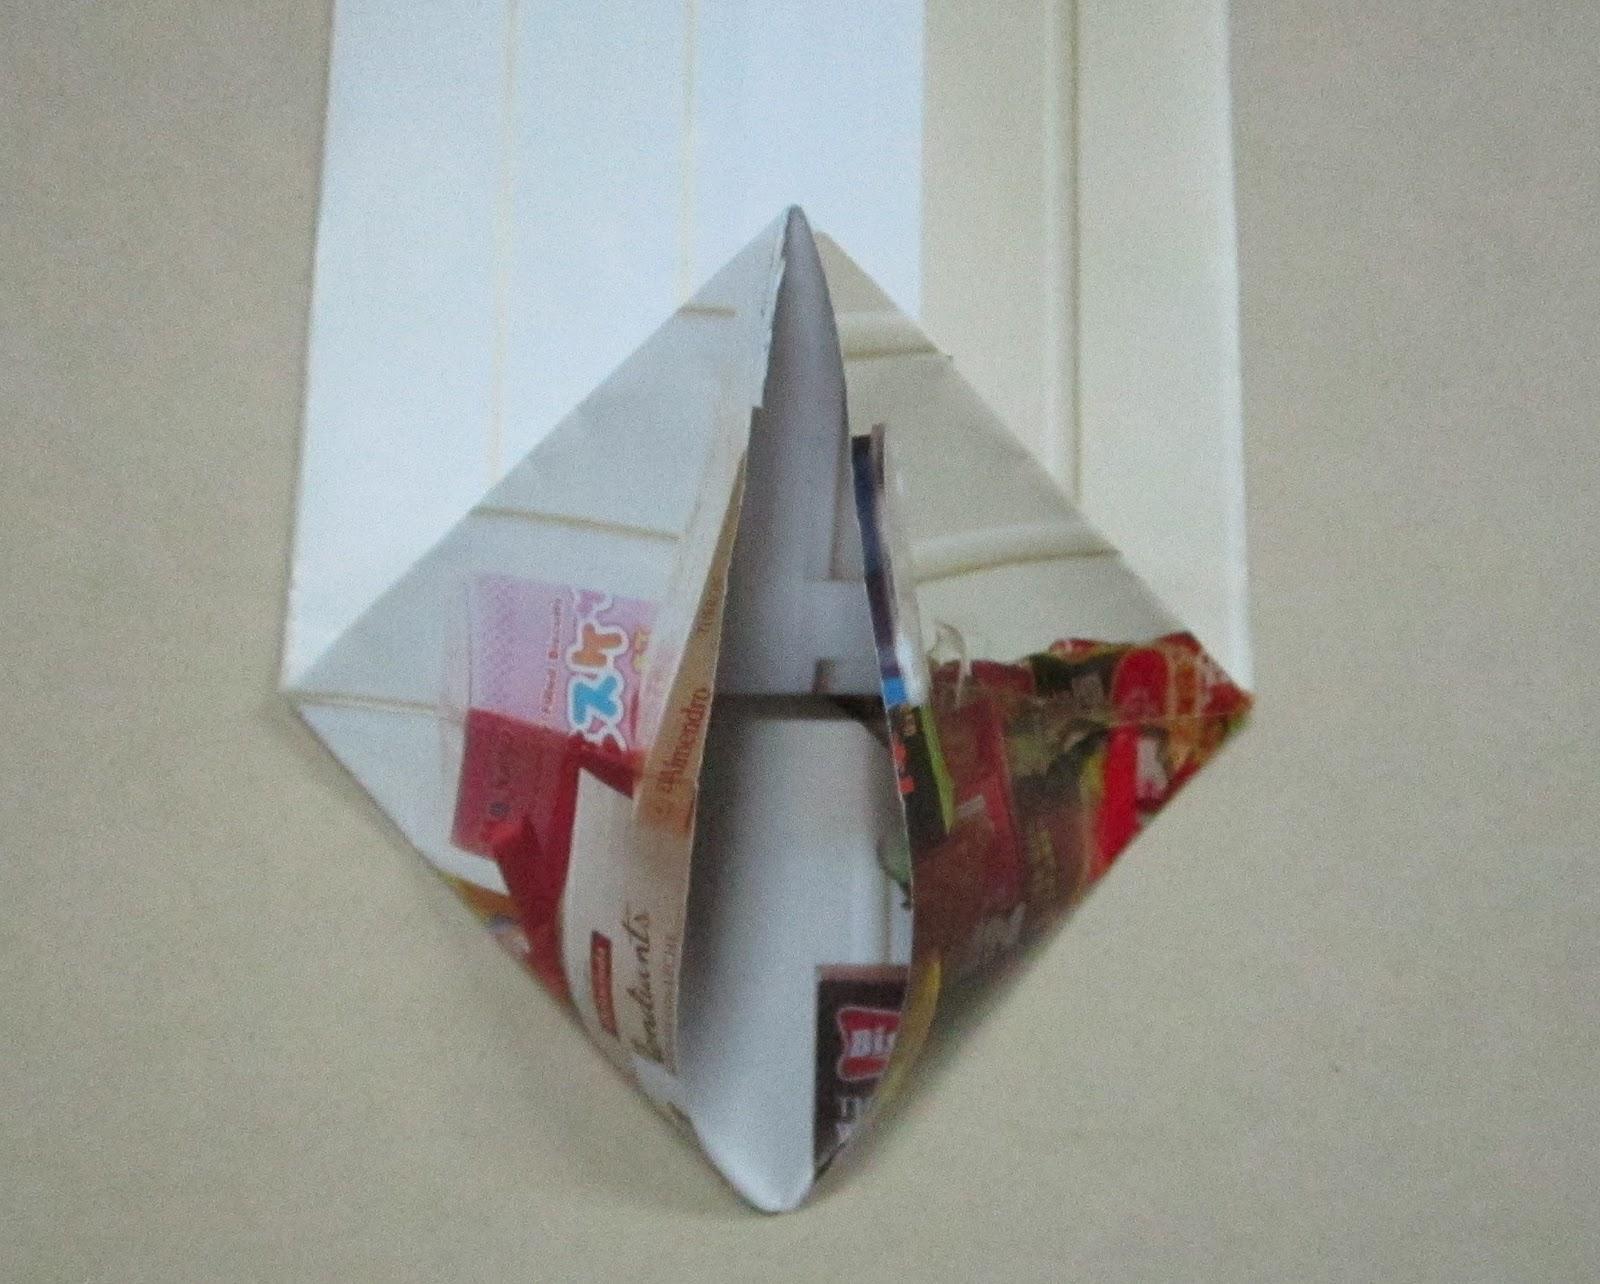 พับถุง,เมคราเม่,ถุงของขวัญ ,How to Reuse Paper as Souvenir Bag.ขยะสวย,ทำจากขยะ,งานฝีมือจากของใช้แล้ว,ไอเดียจากขยะ,ไอเดียจากของใช้แล้ว ,โลกสีเขียว,ไอเดียสีเขียว,ไอเีดียลดขยะ,ไอเดียลดโลกร้อน reuse,recycle,reuse magazine paper,macrame ,how to souvenir bag,how to fold bag,folding paper bag,crafts